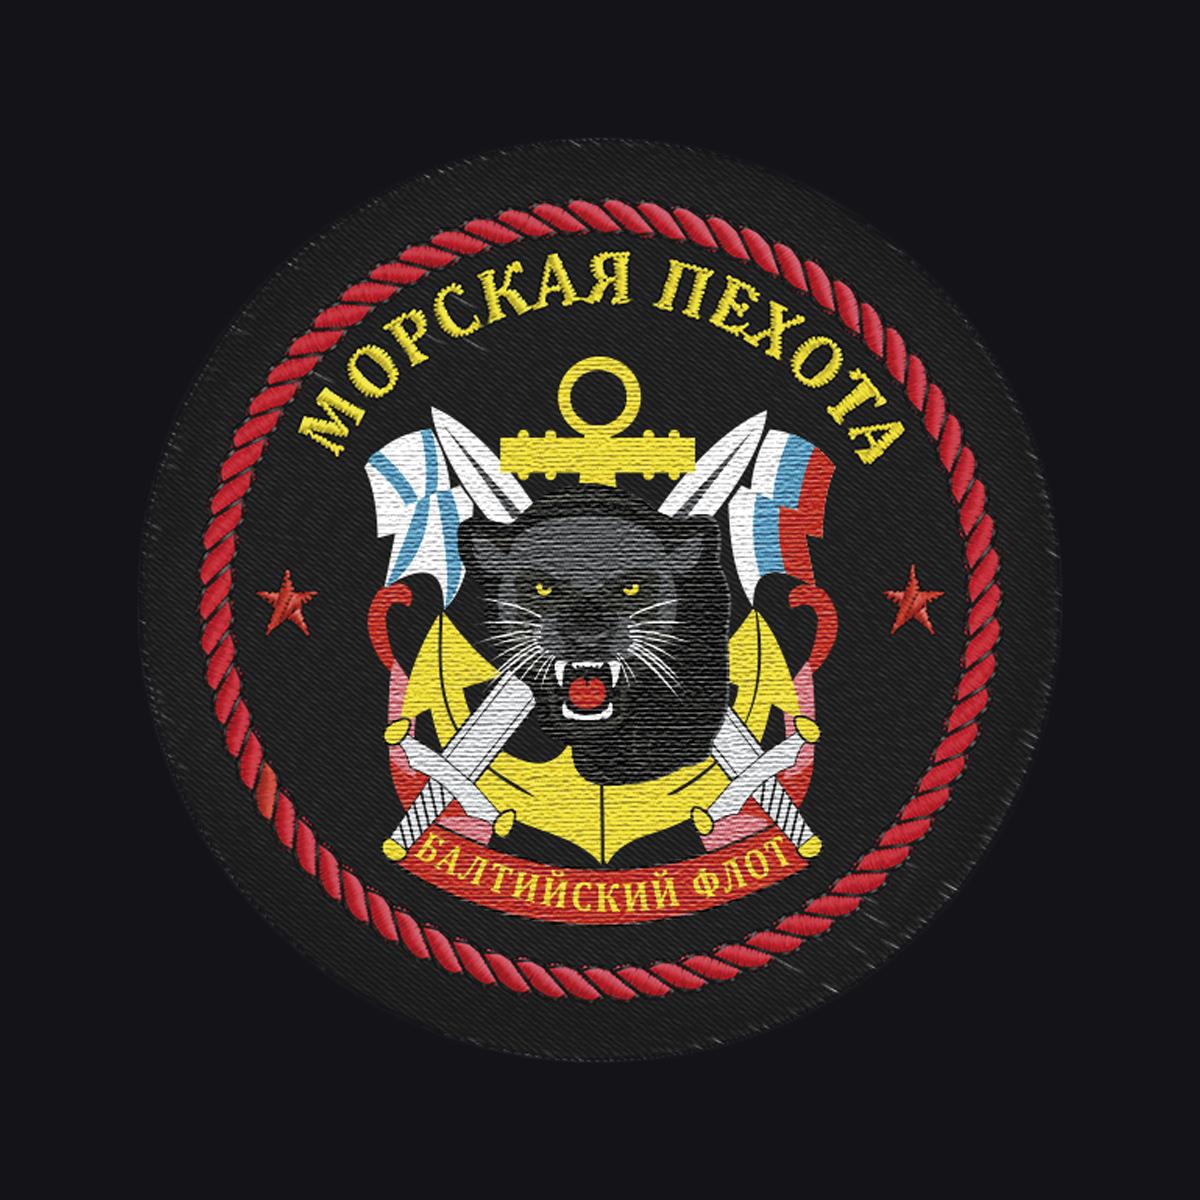 Мужская футболка с вышивкой Морская пехота БФ - купить выгодно